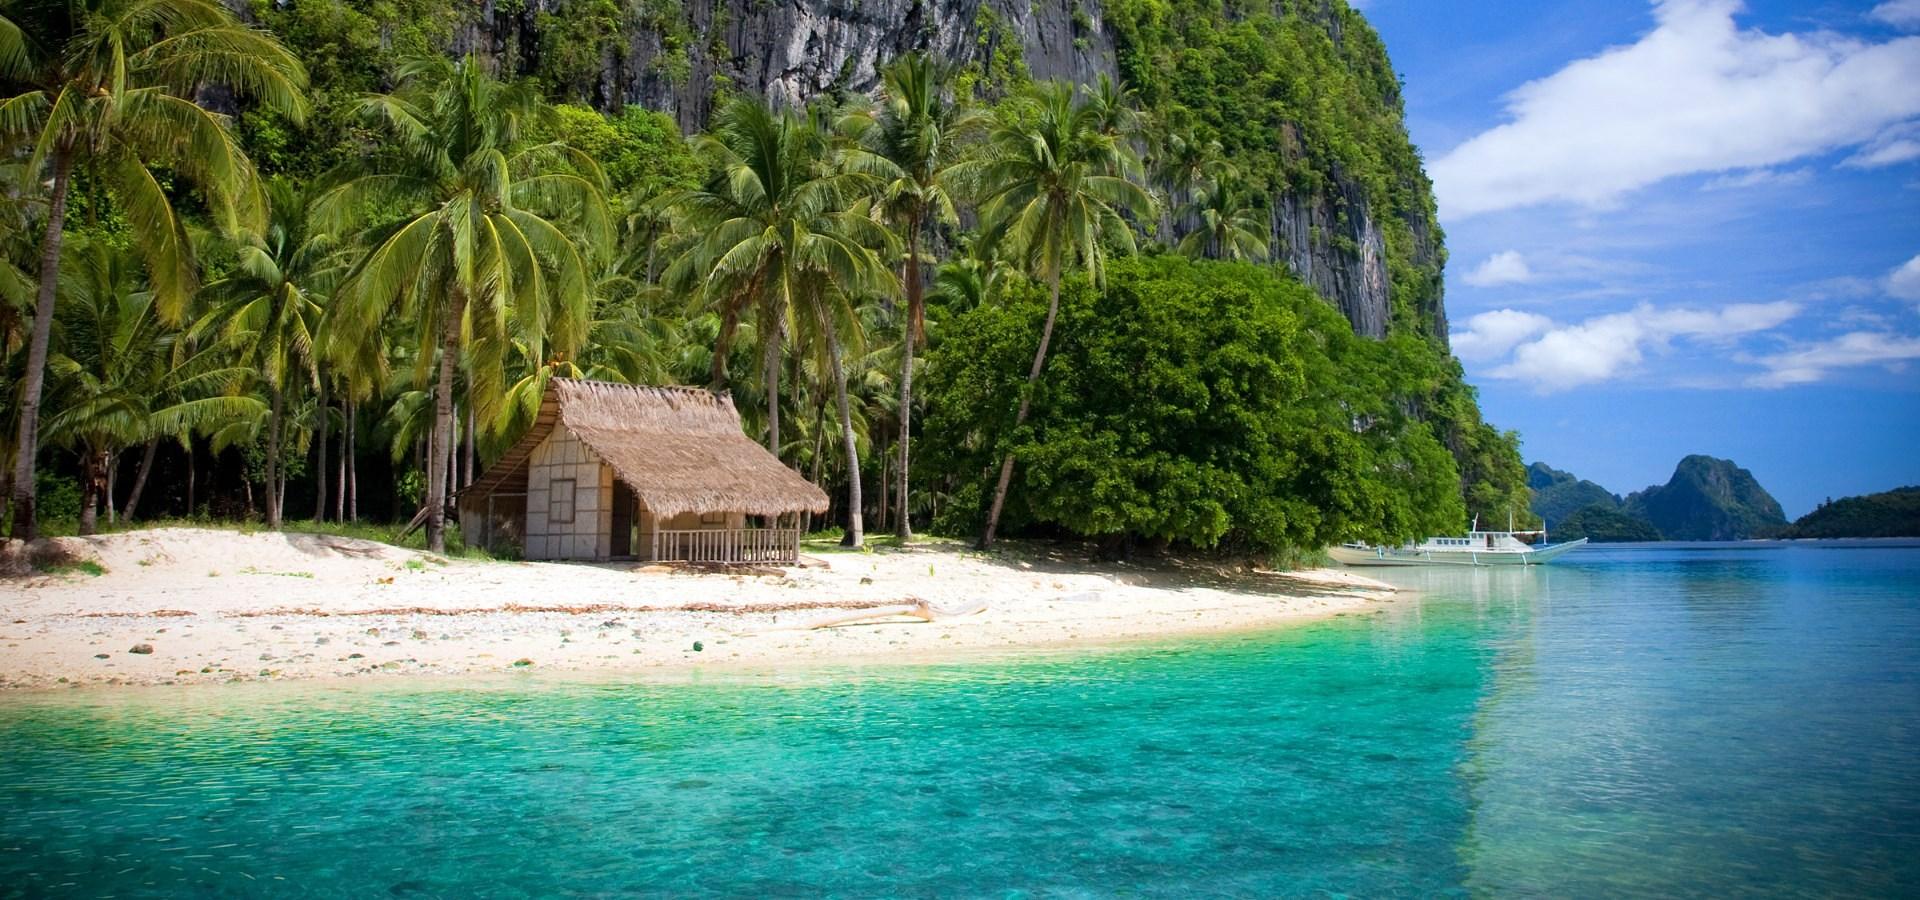 Групповое путешествие Амейзинг на Филиппины